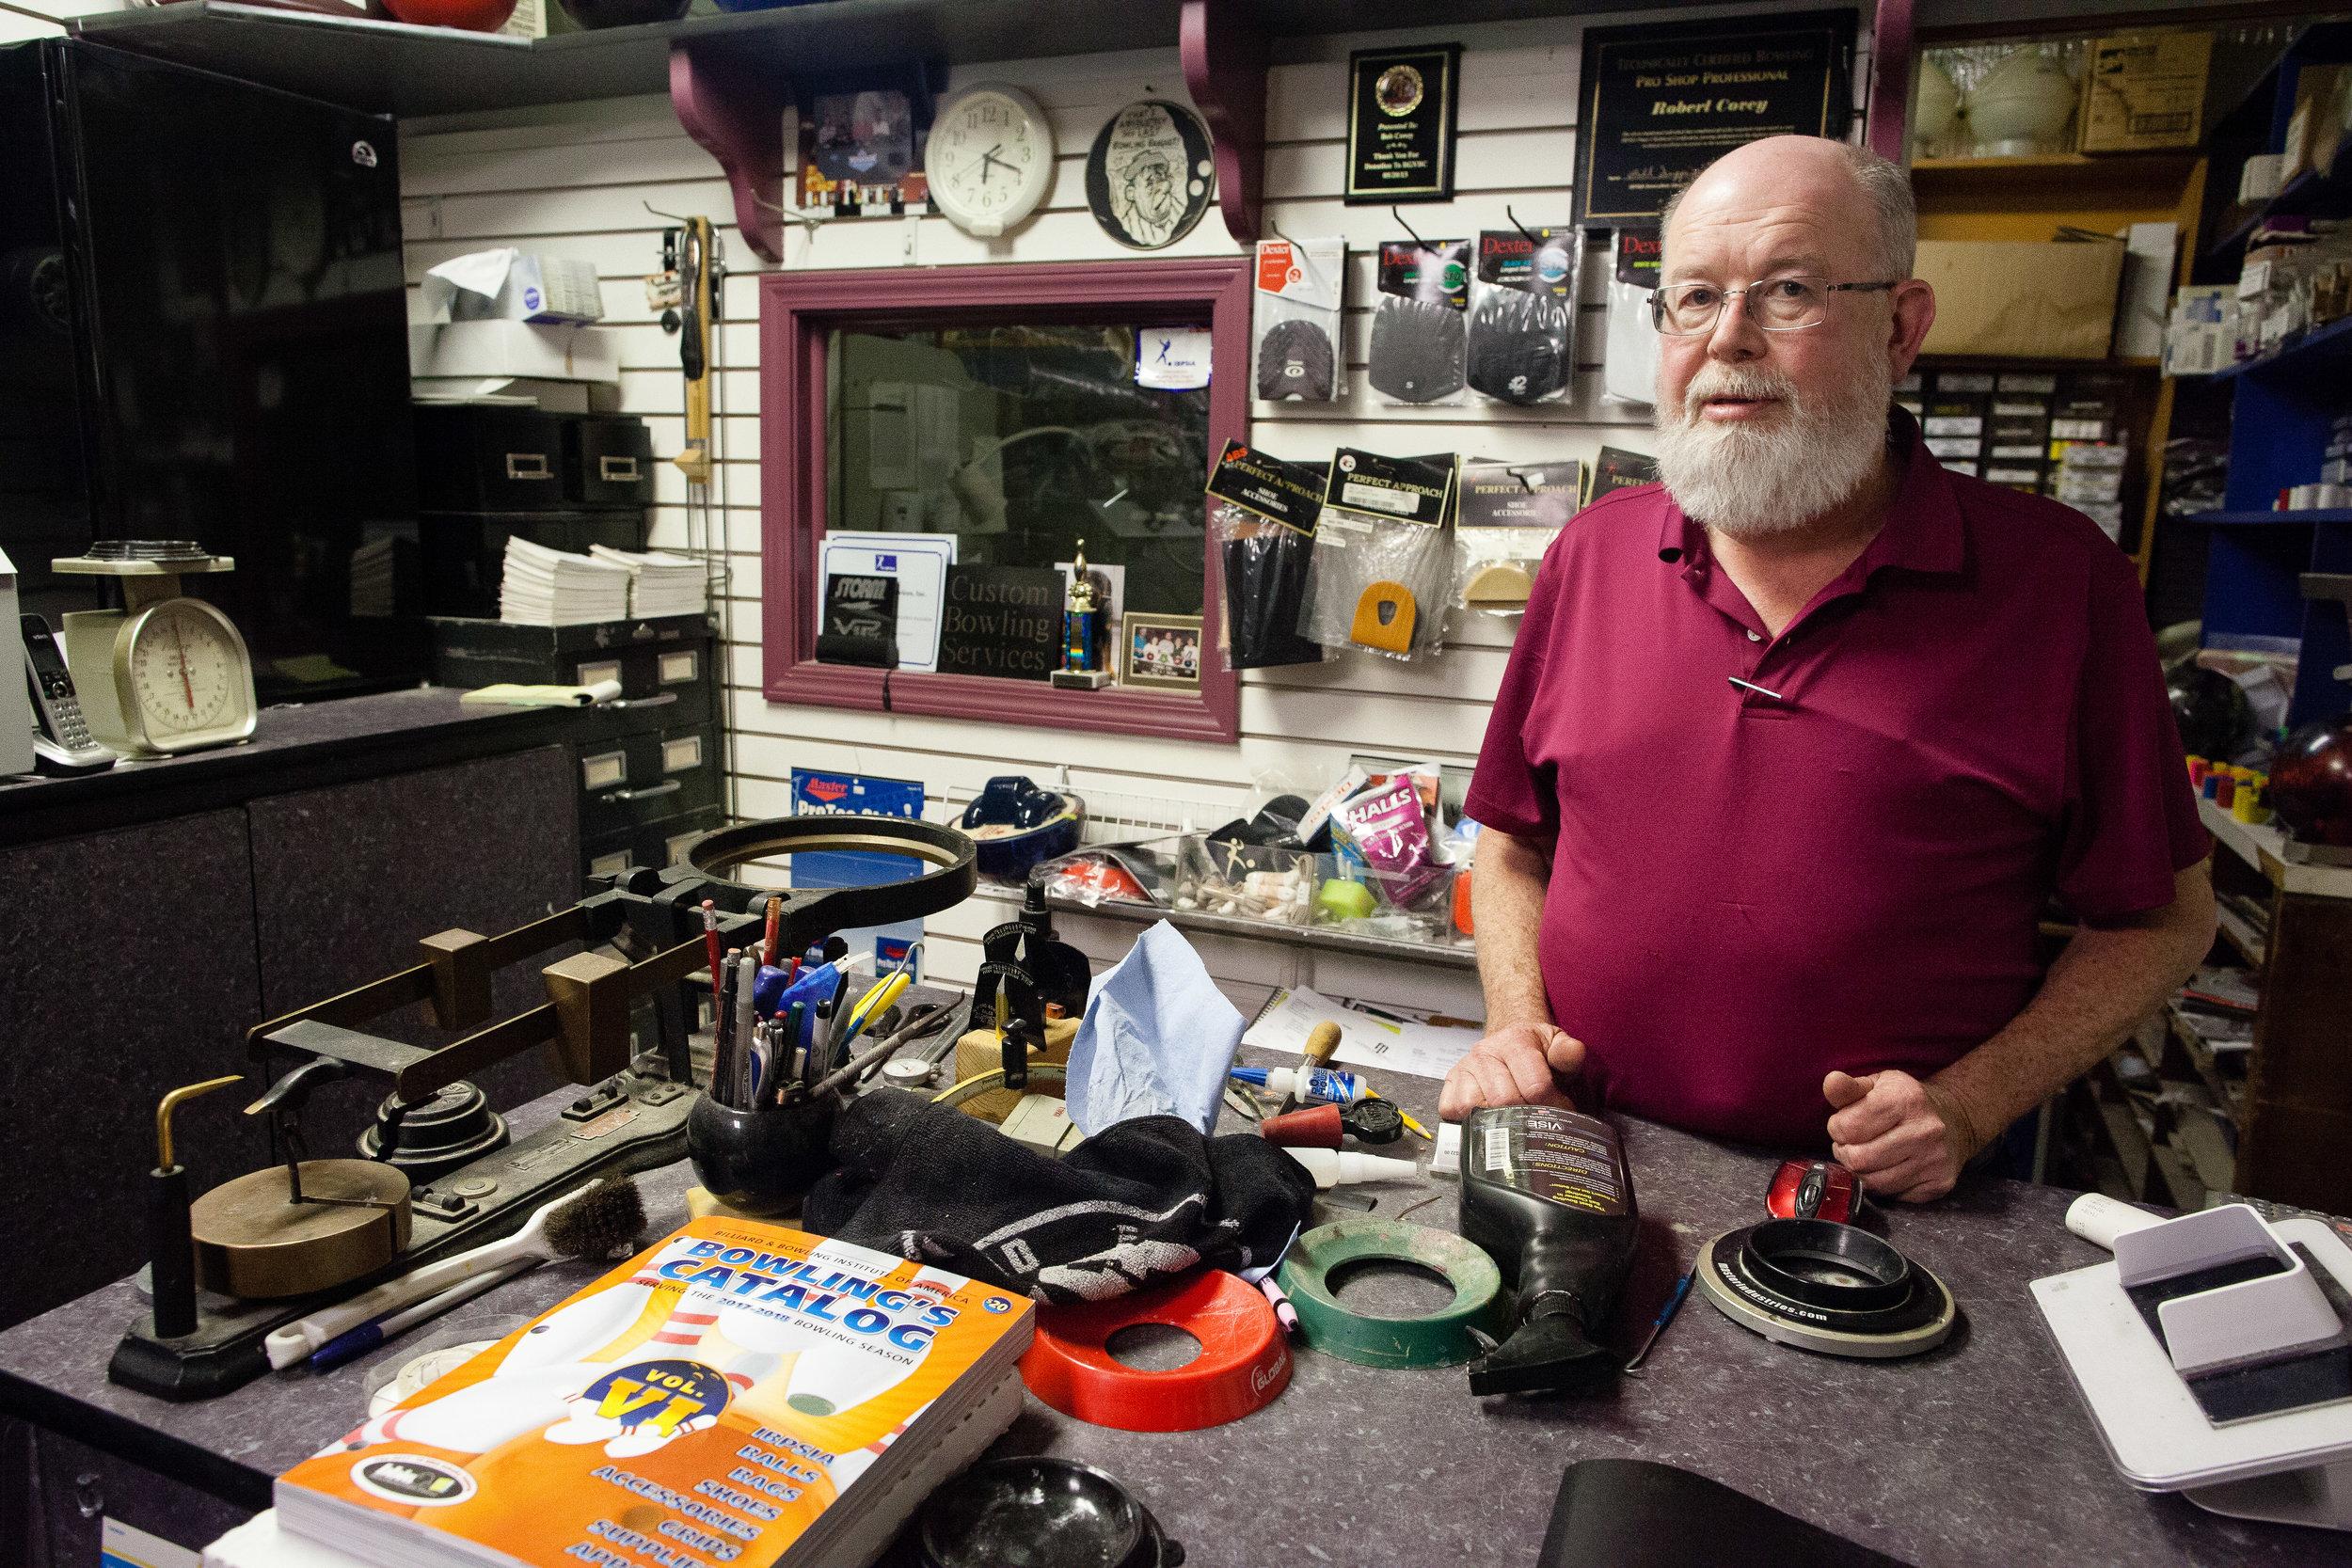 Bob Covey in his Pro Shop, Ward Parkway Lanes, Kansas City, MO